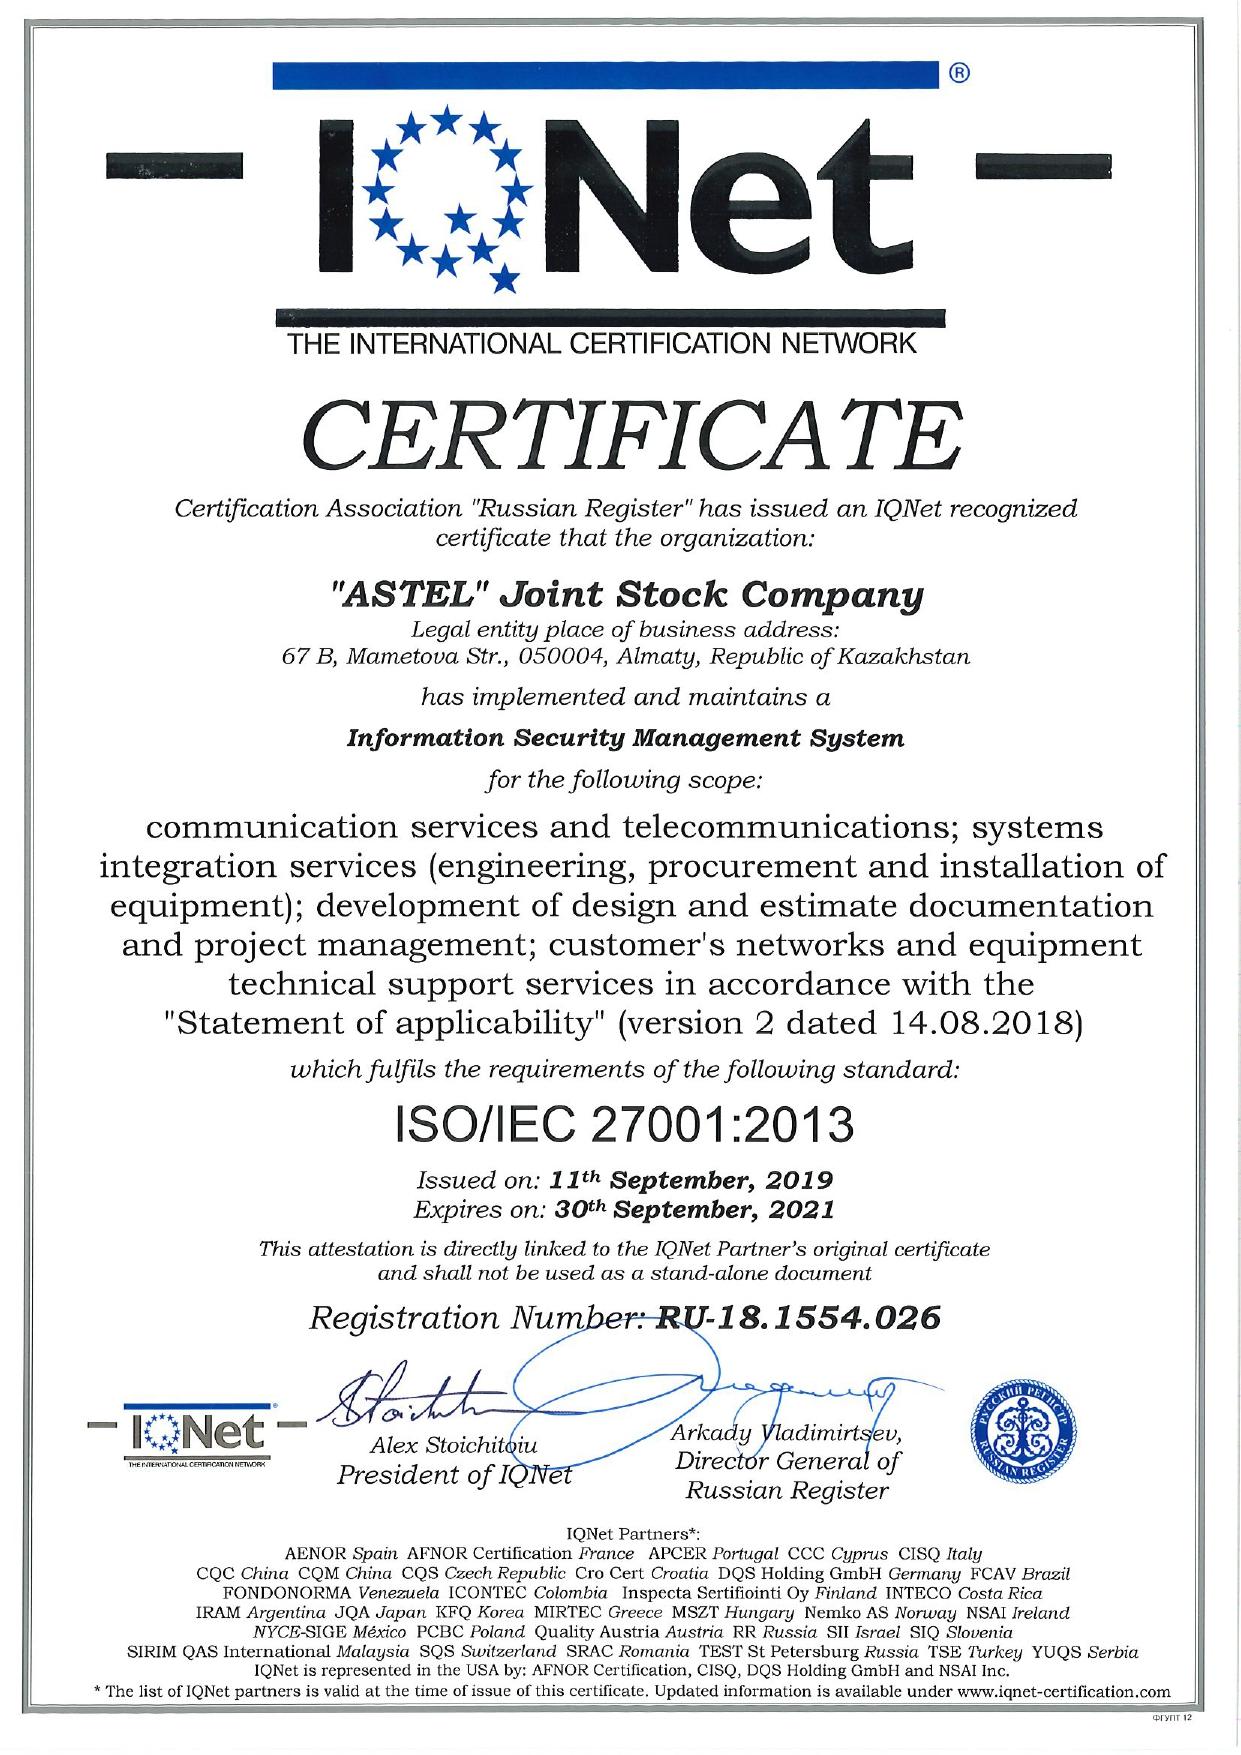 Сертификат ИСО 27001 можно использовать при выходе на иностранные рынки, сотрудничестве с зарубежными партнерами.